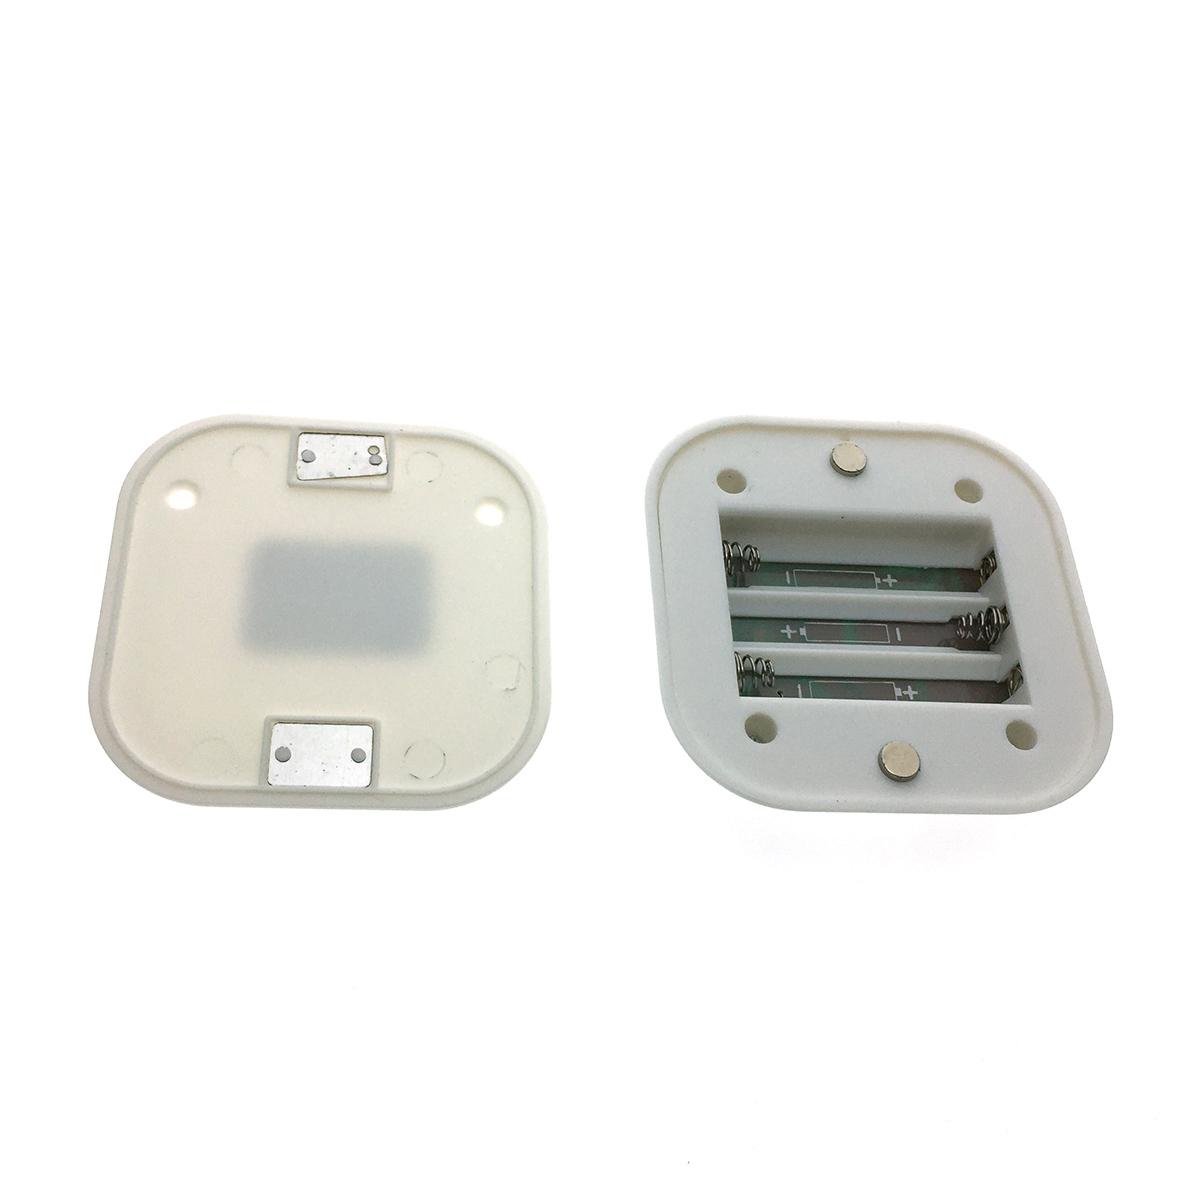 Светодиодный светильник - ночник/фонарик с датчиком света/освещенности и движения Espada E-SMWhite, белый